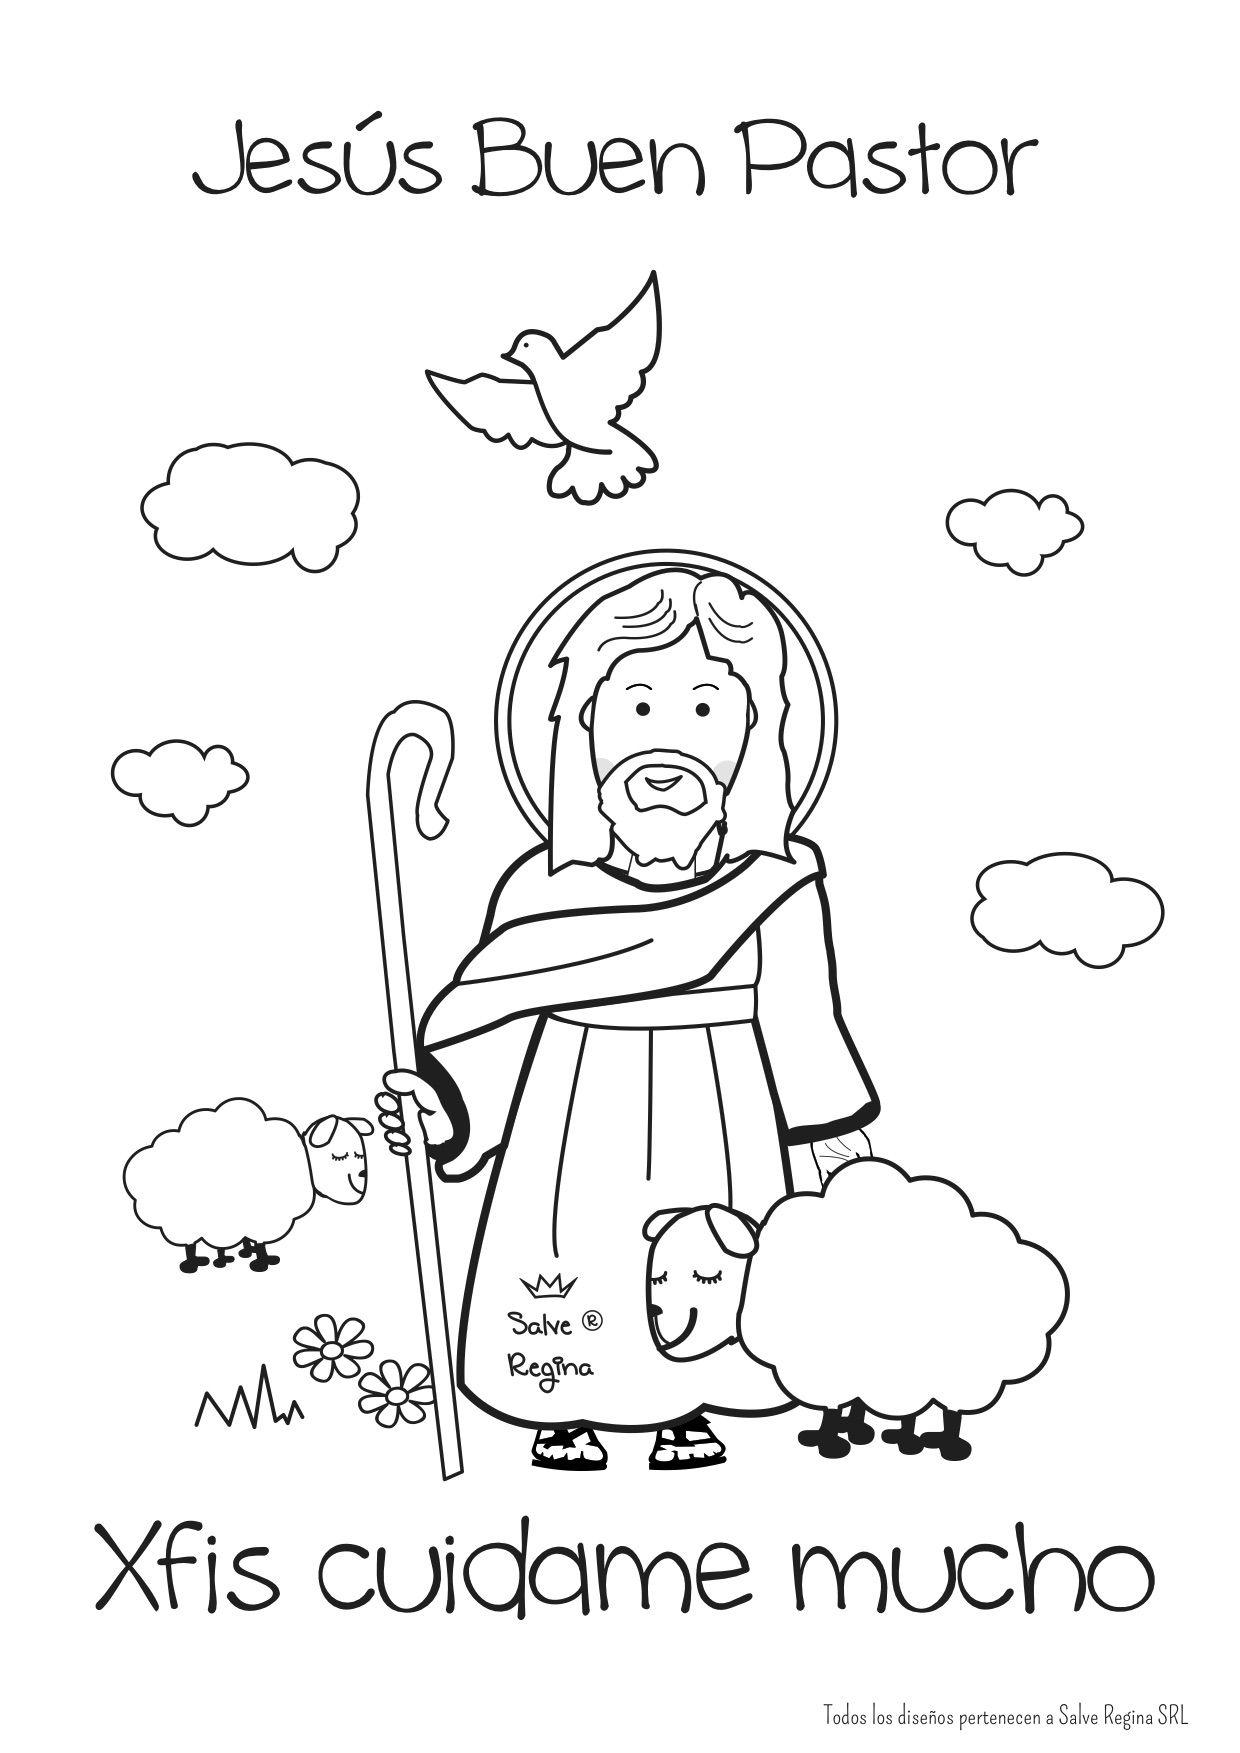 El Buen Pastos Jesus Buen Pastor Iglesia Ninos Dibujos